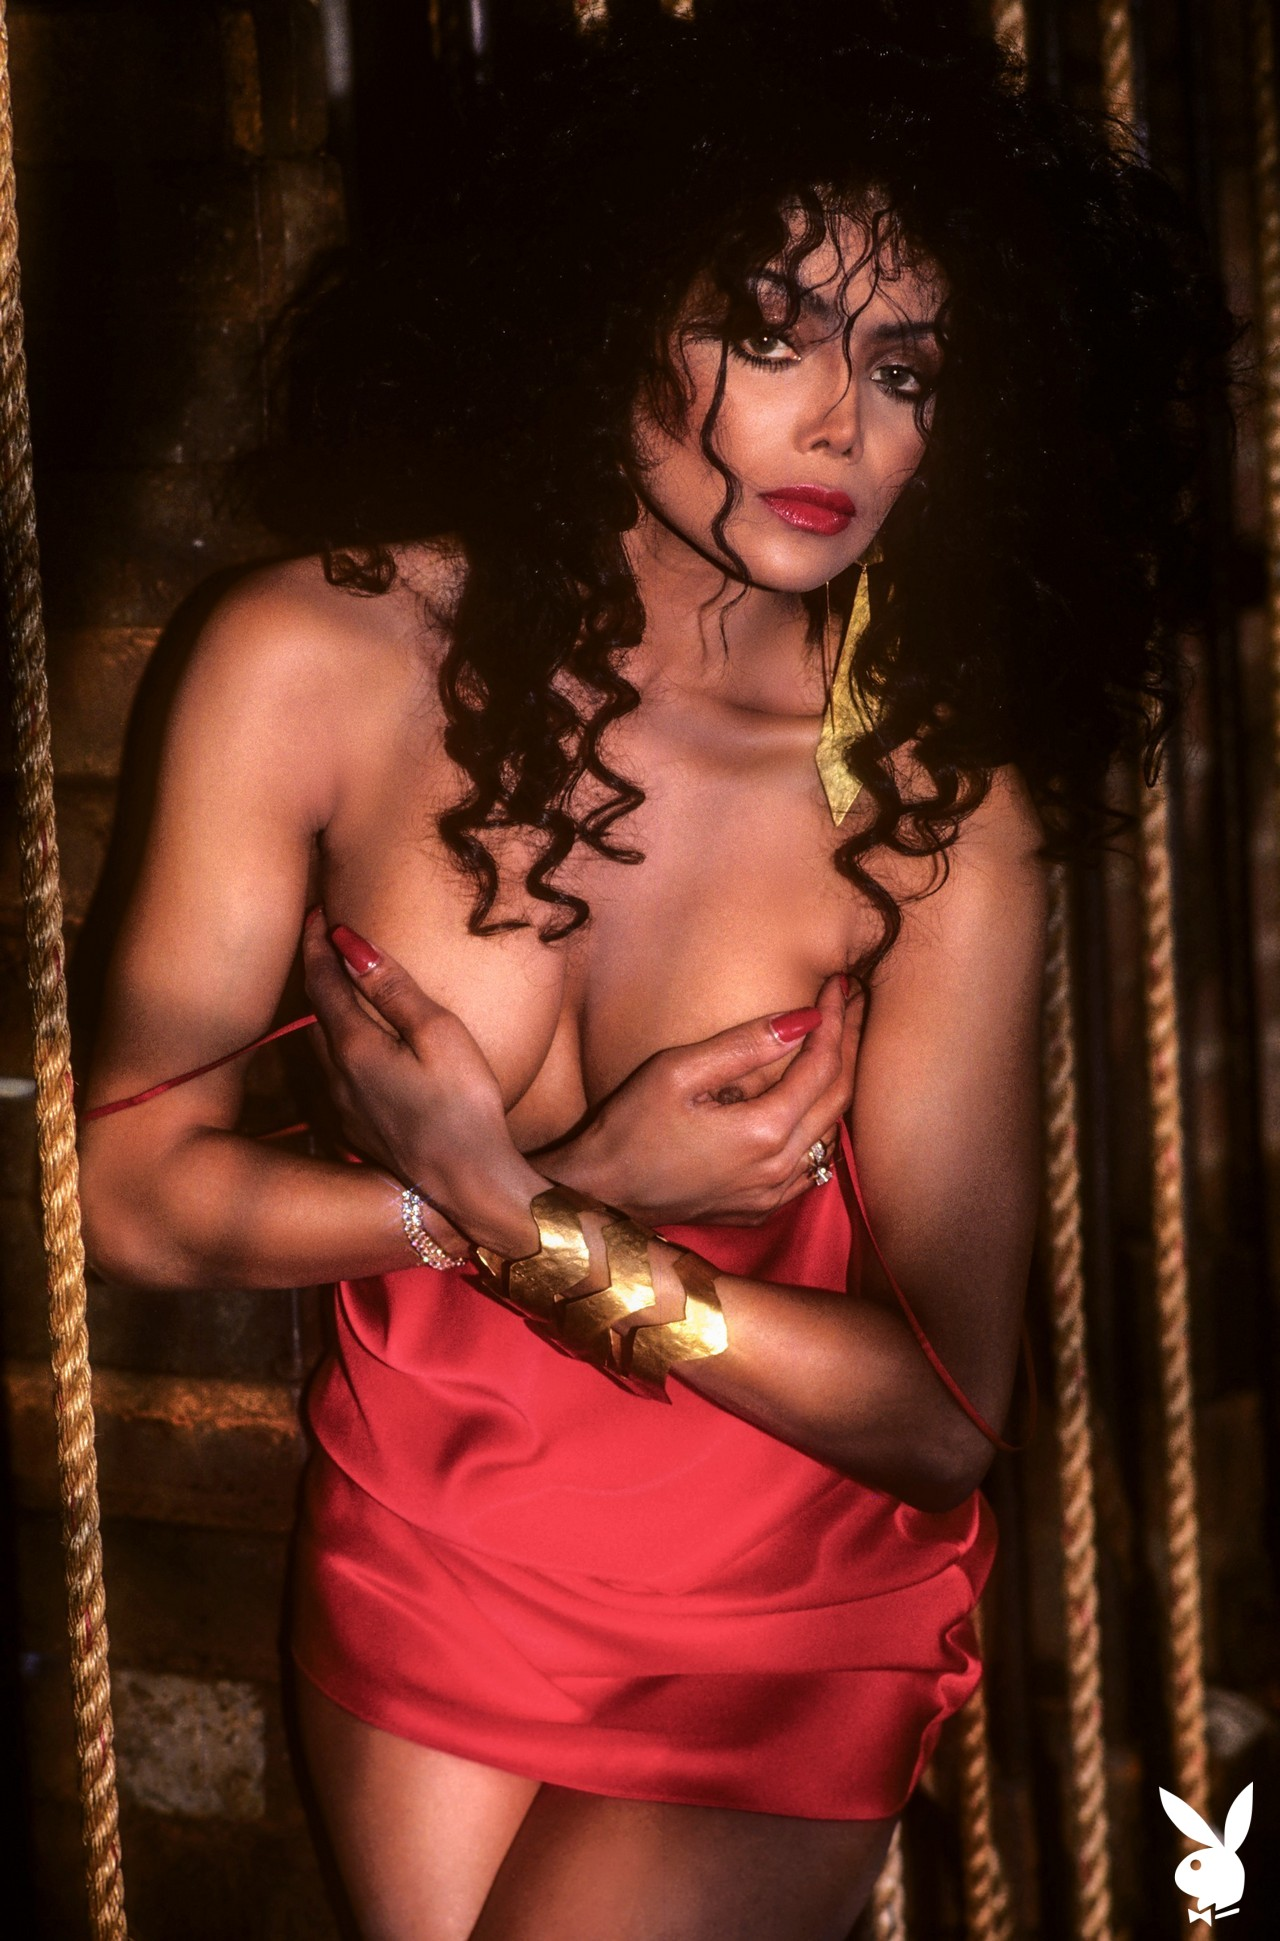 La Toya Jackson (5)